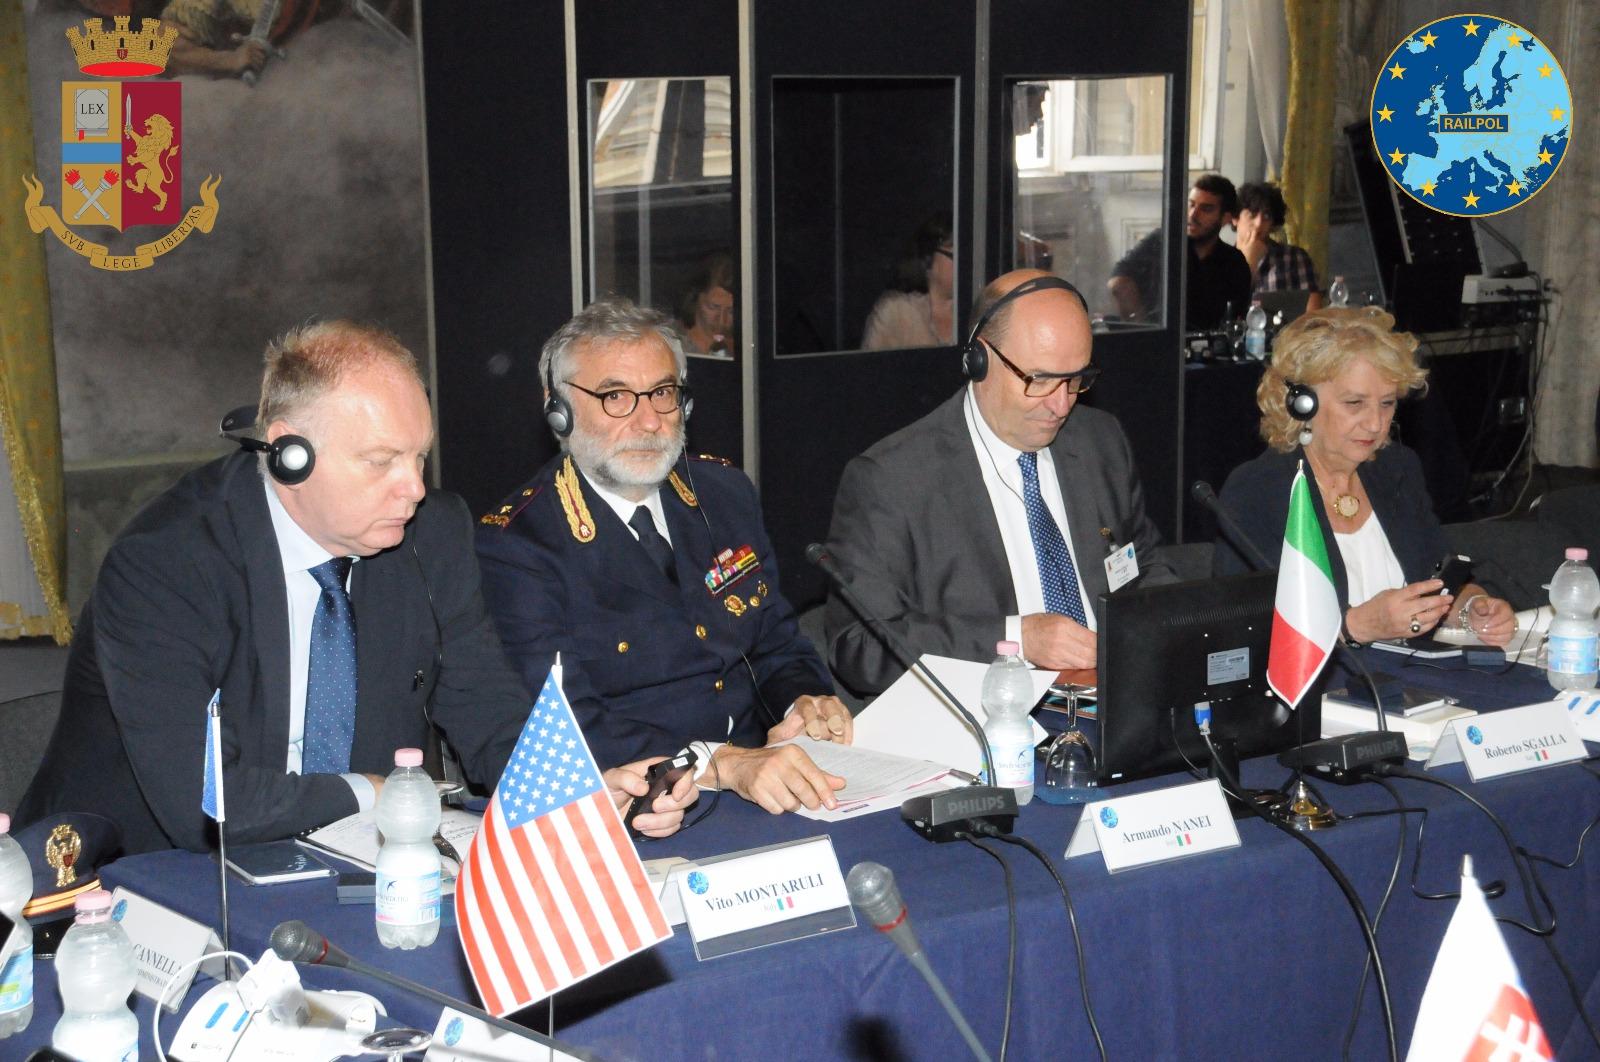 Sicurezza ferroviaria, i vertici delle polizie ferroviarie si incontrano a Lucca